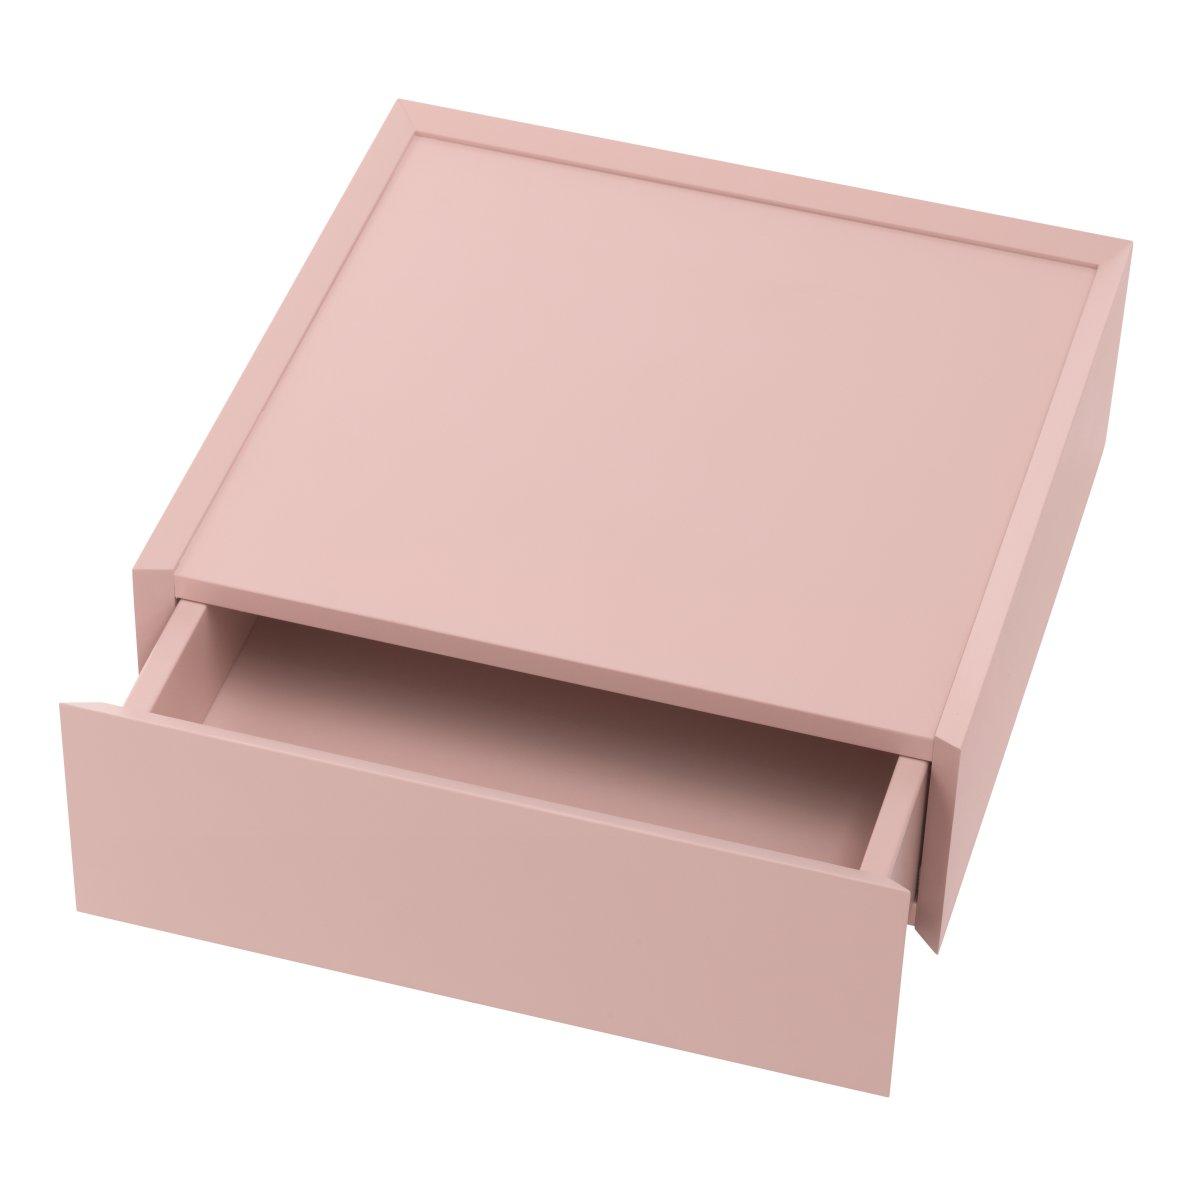 SOUVENIR Schubkastenbox 35 cm altrosa (70)